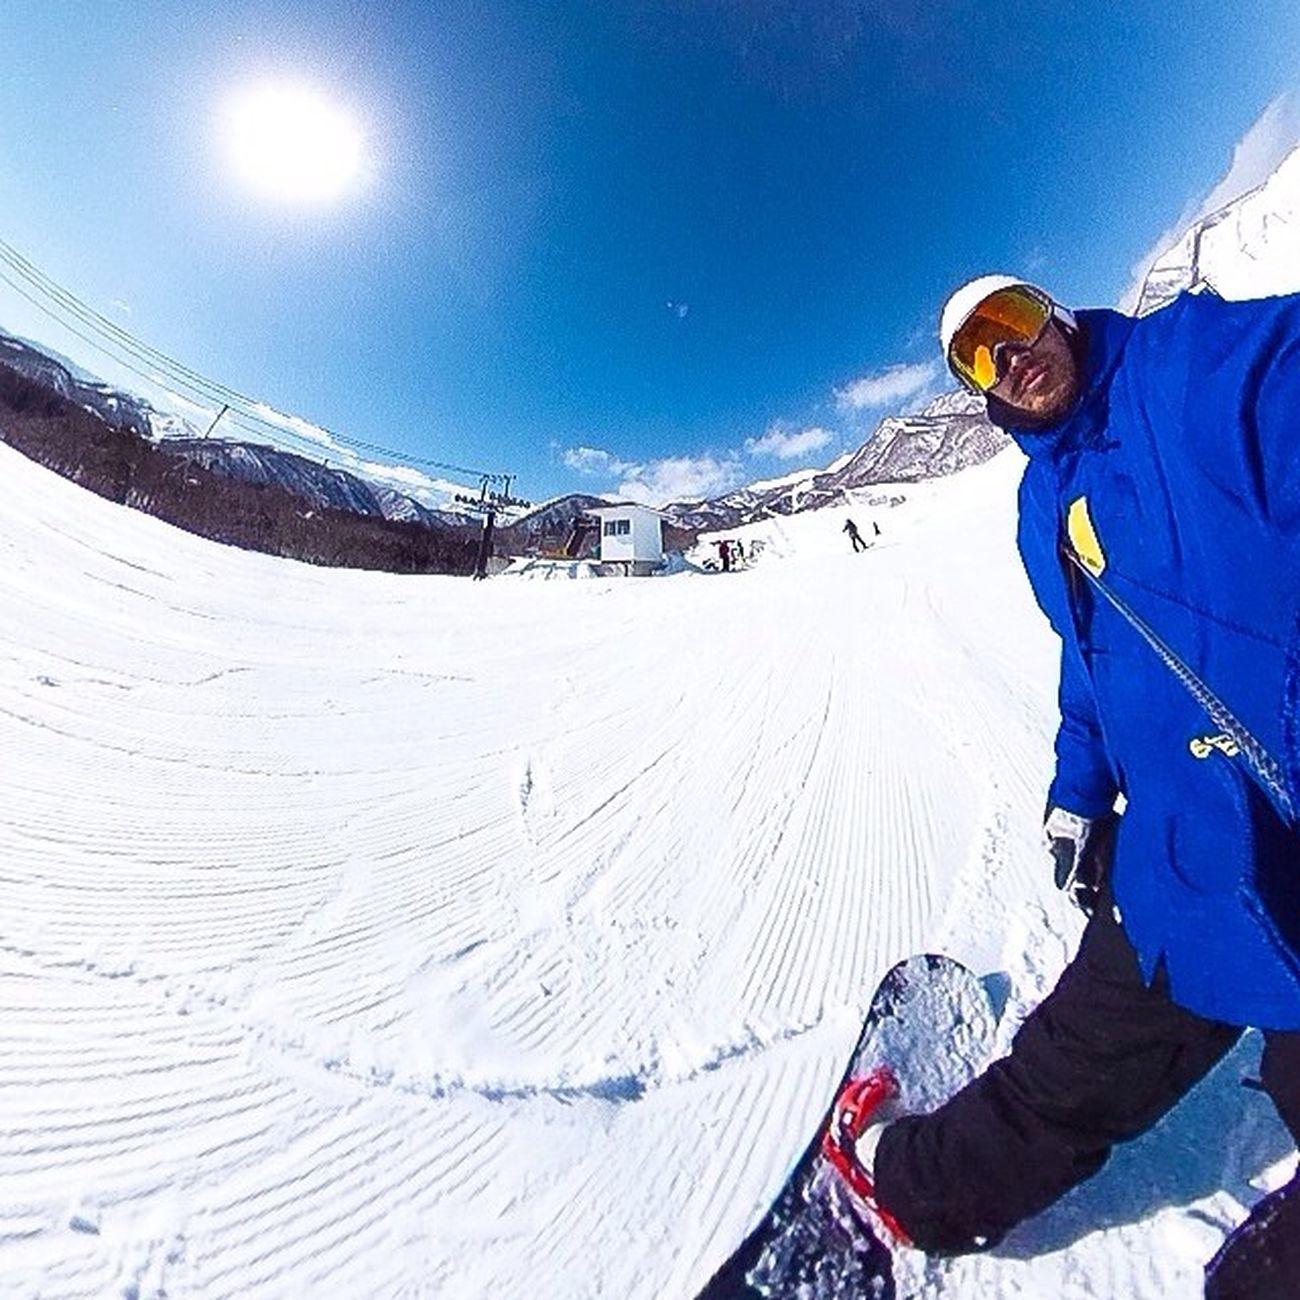 ピーカン!ひゃっほぅ! 白馬 栂池高原スキー場 Snowboarding